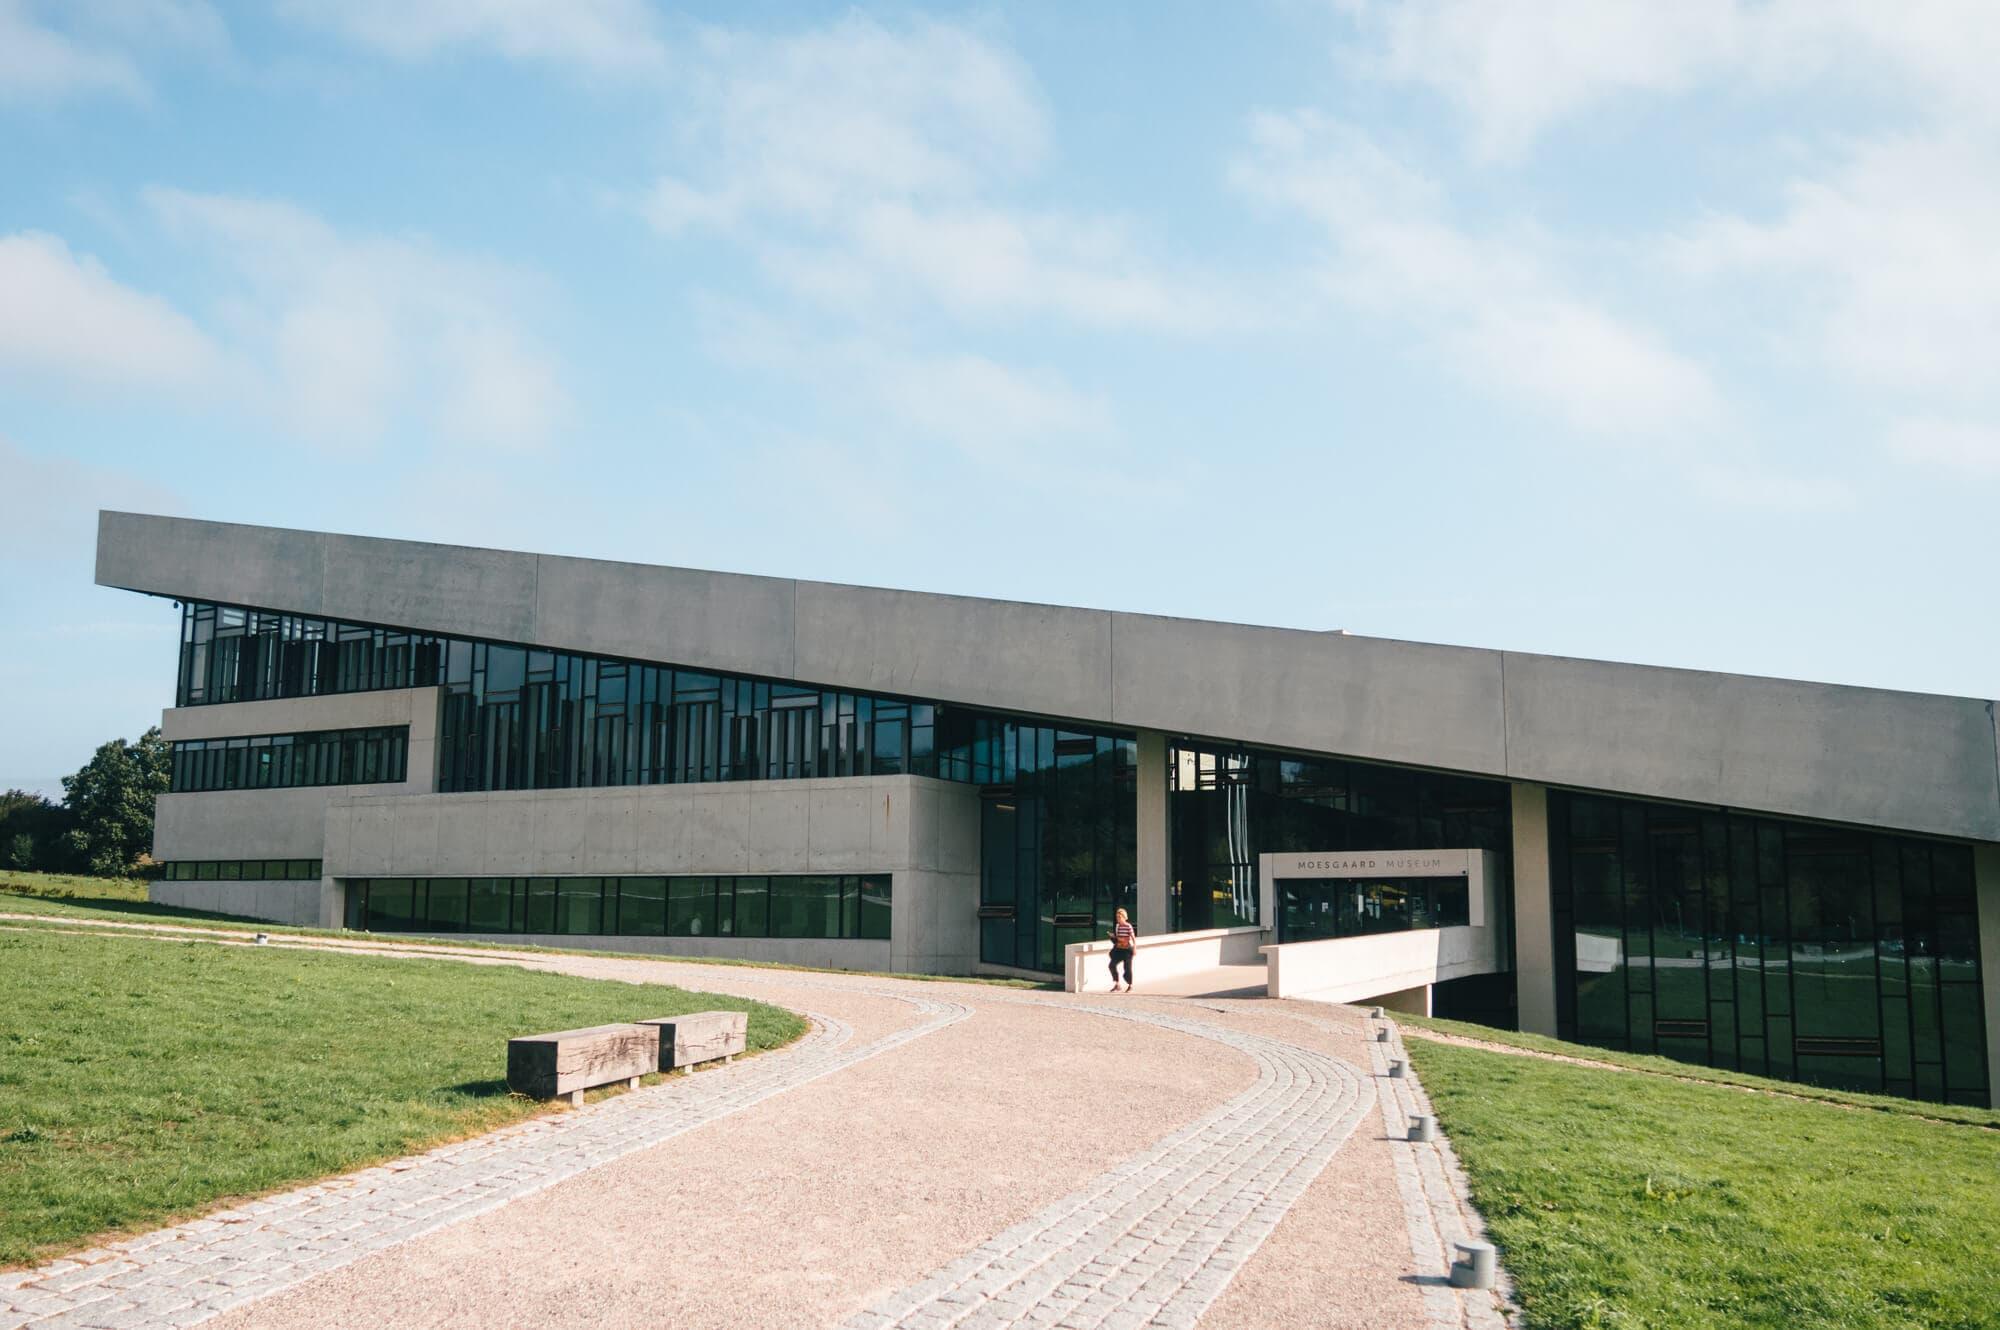 Two days in Aarhus - Denmark's happiest city. Moesgaard Museum - One of my favorite museums ever